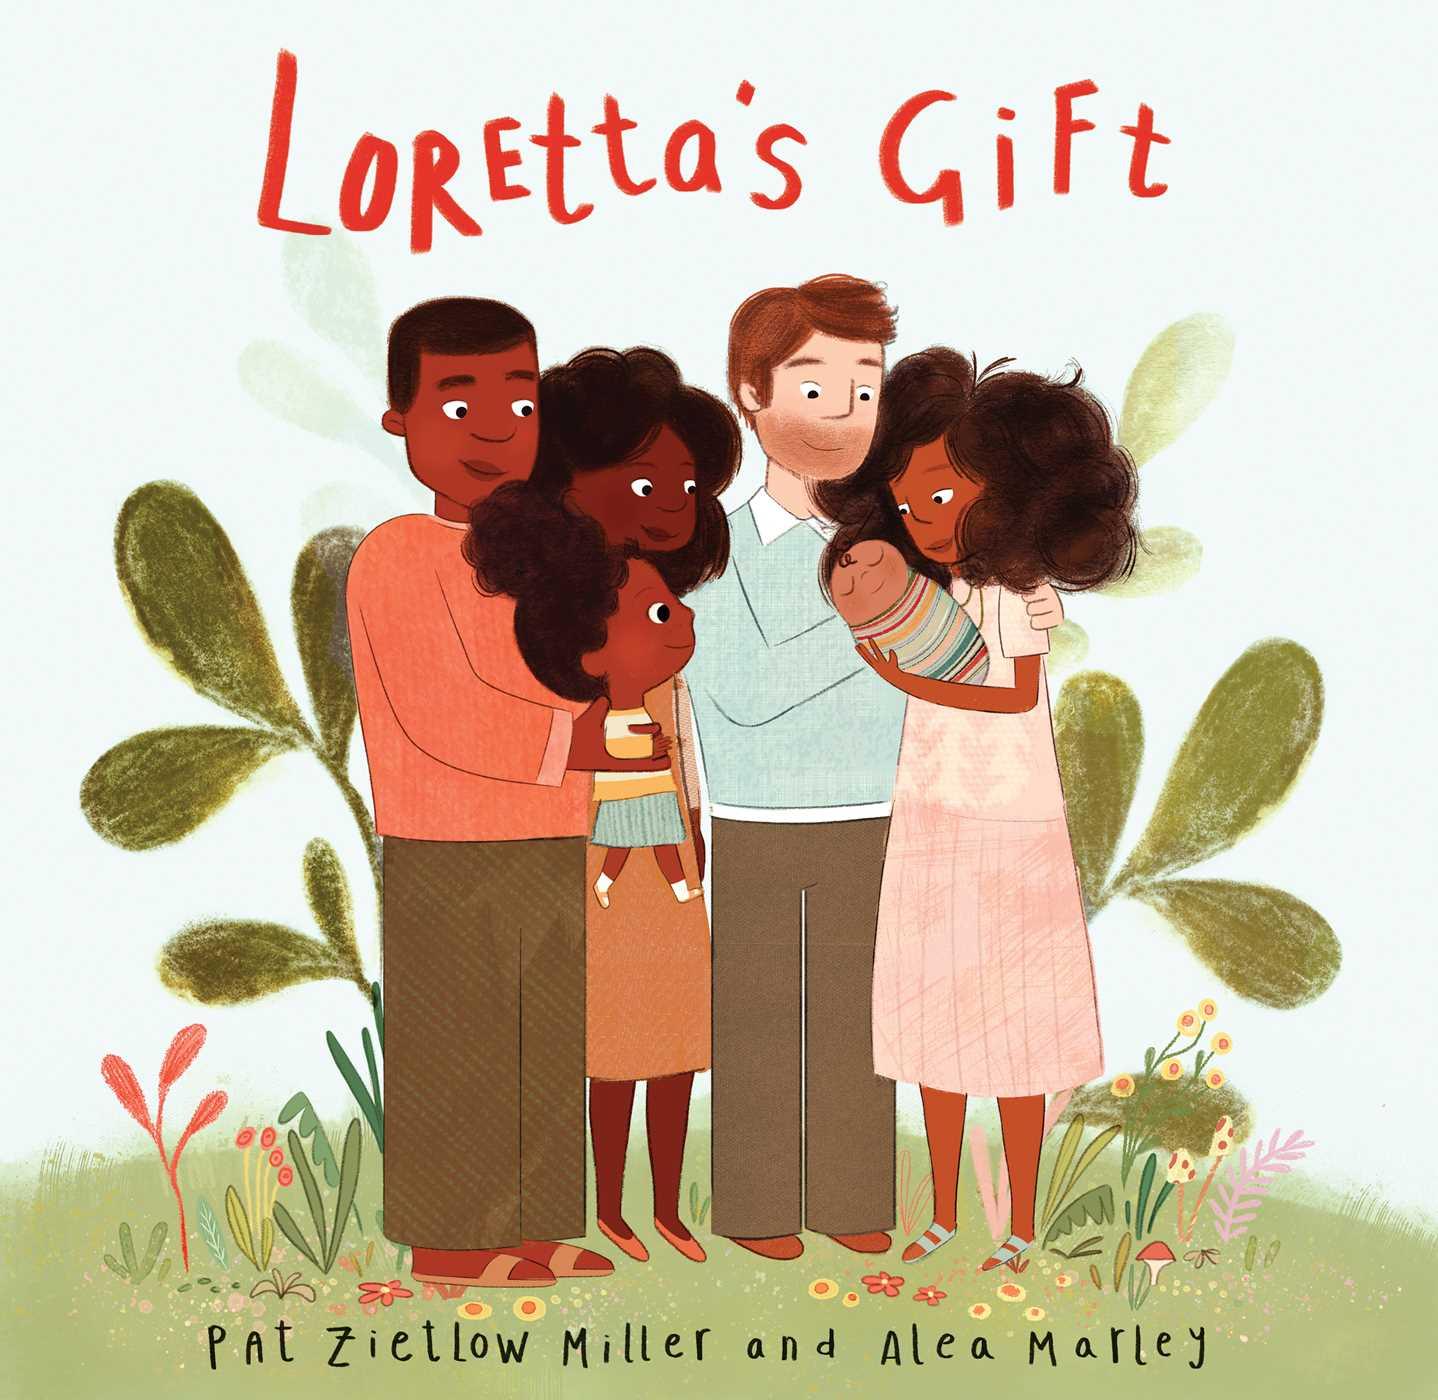 Lorettas gift 9781499806816 hr